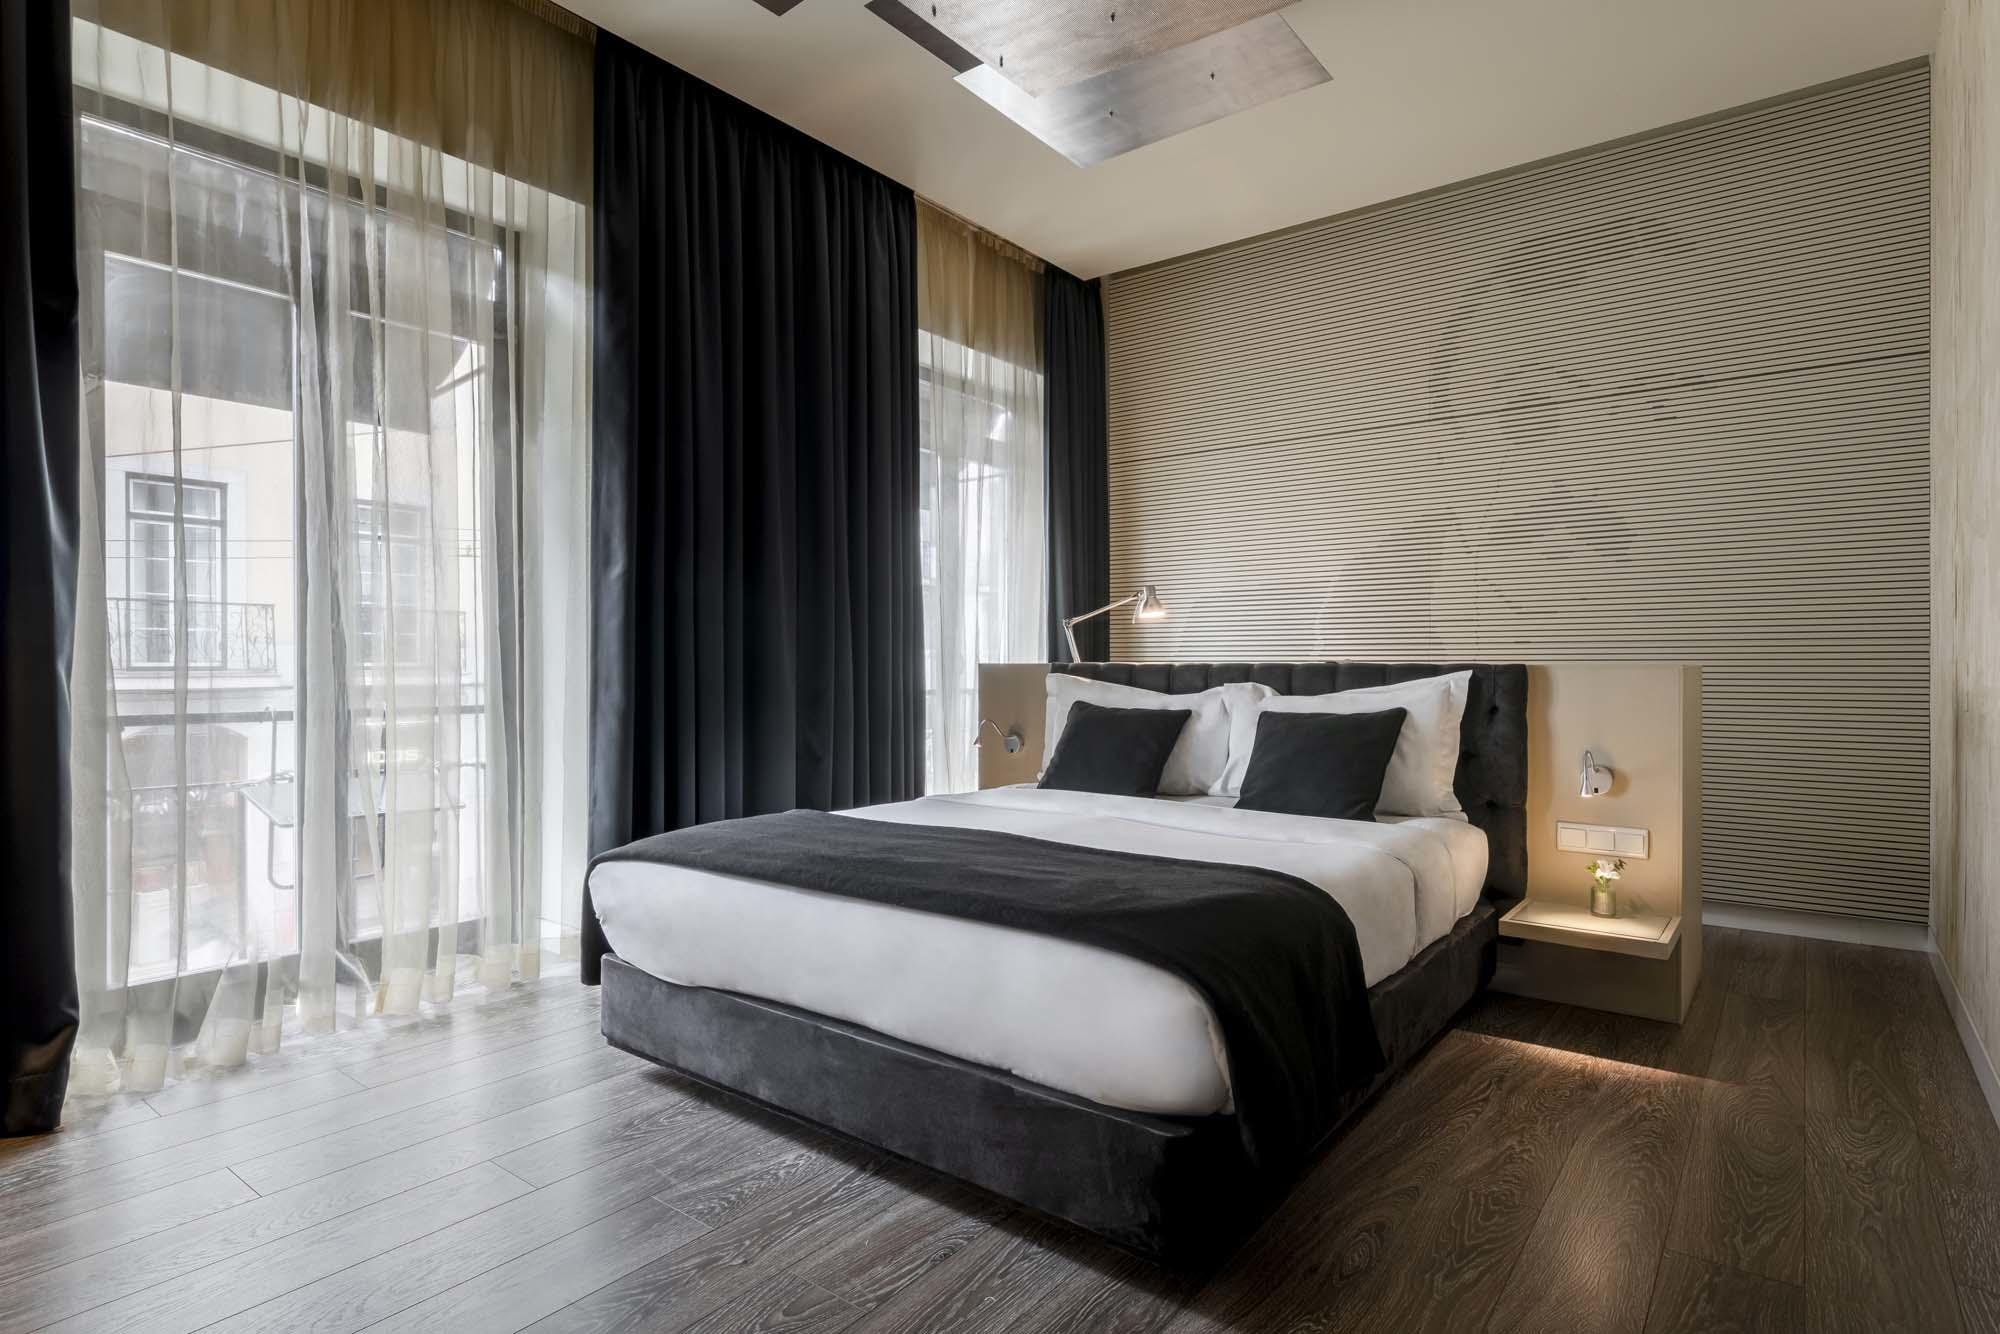 quartos executivos 9 Hotel Mercy